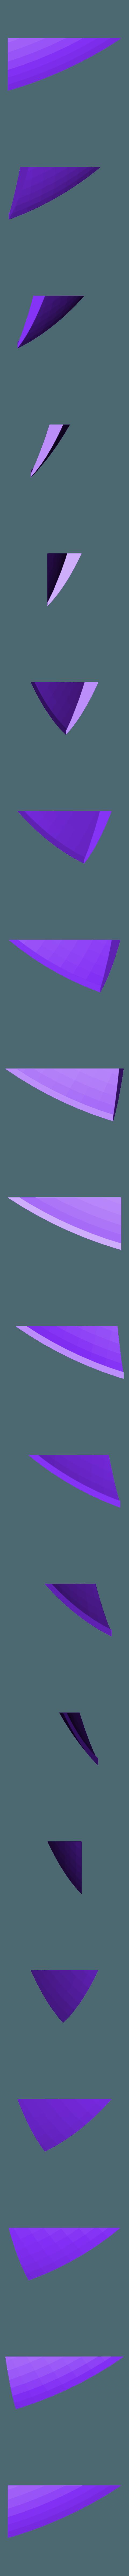 21.STL Télécharger fichier STL gratuit Bouclier du capitaine amérique (Entièrement détaillé) • Design pour imprimante 3D, Absolute3D